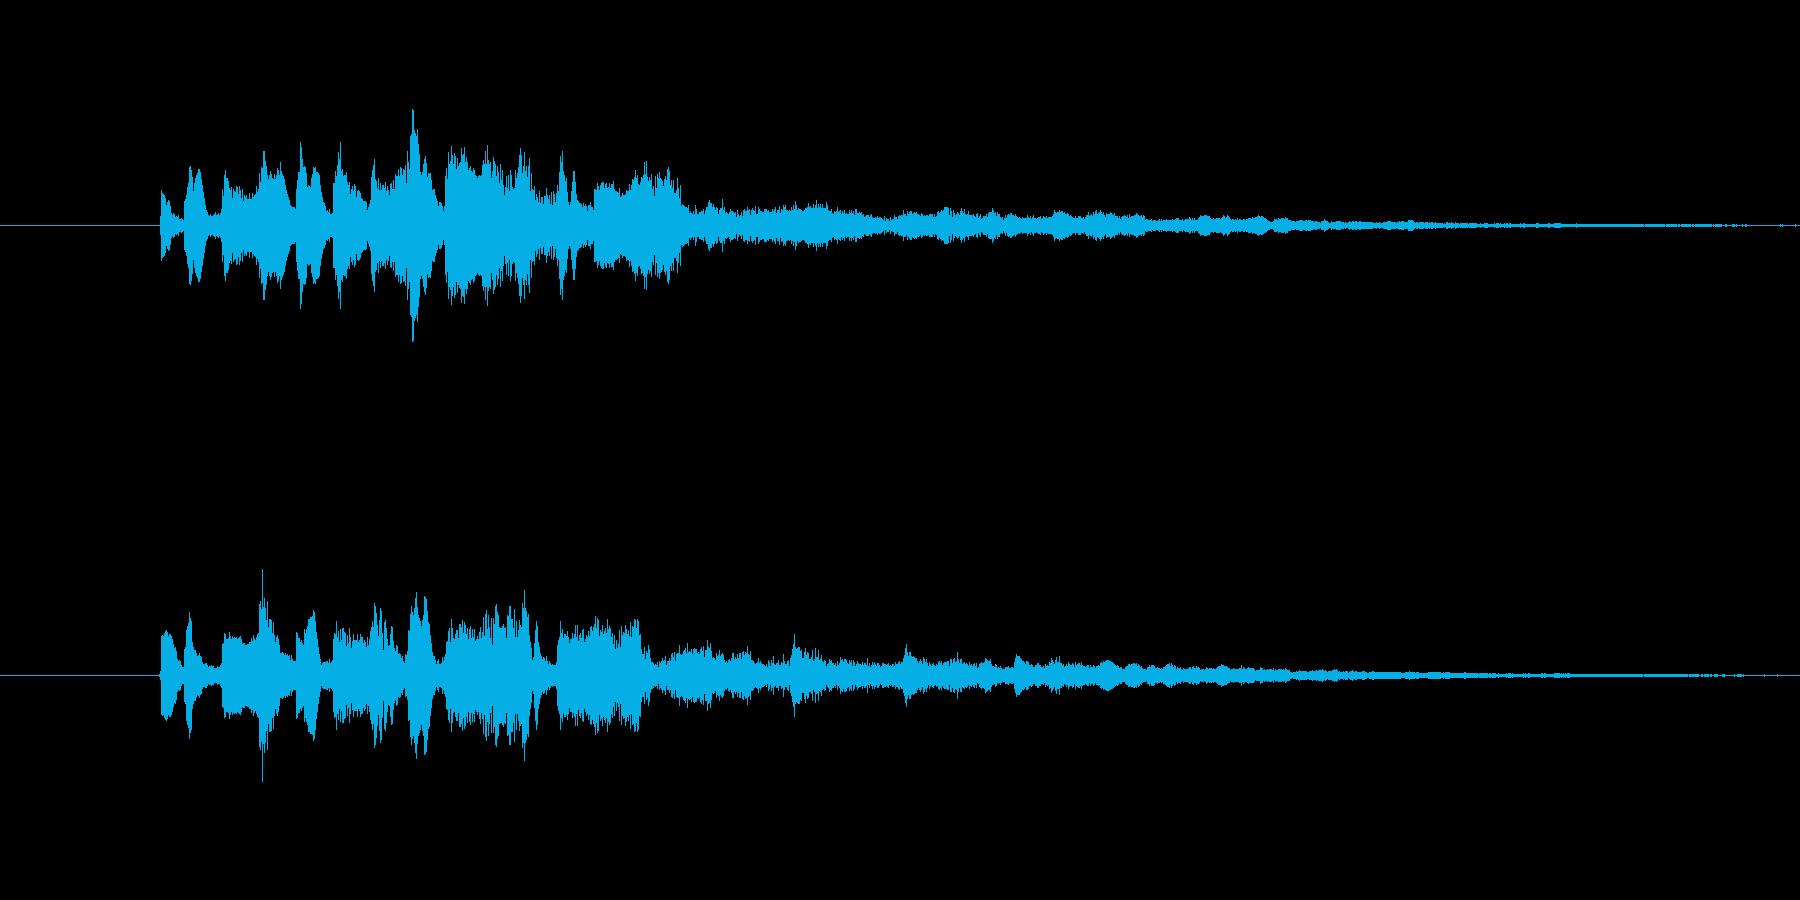 変化音 ひらめき 5秒の再生済みの波形